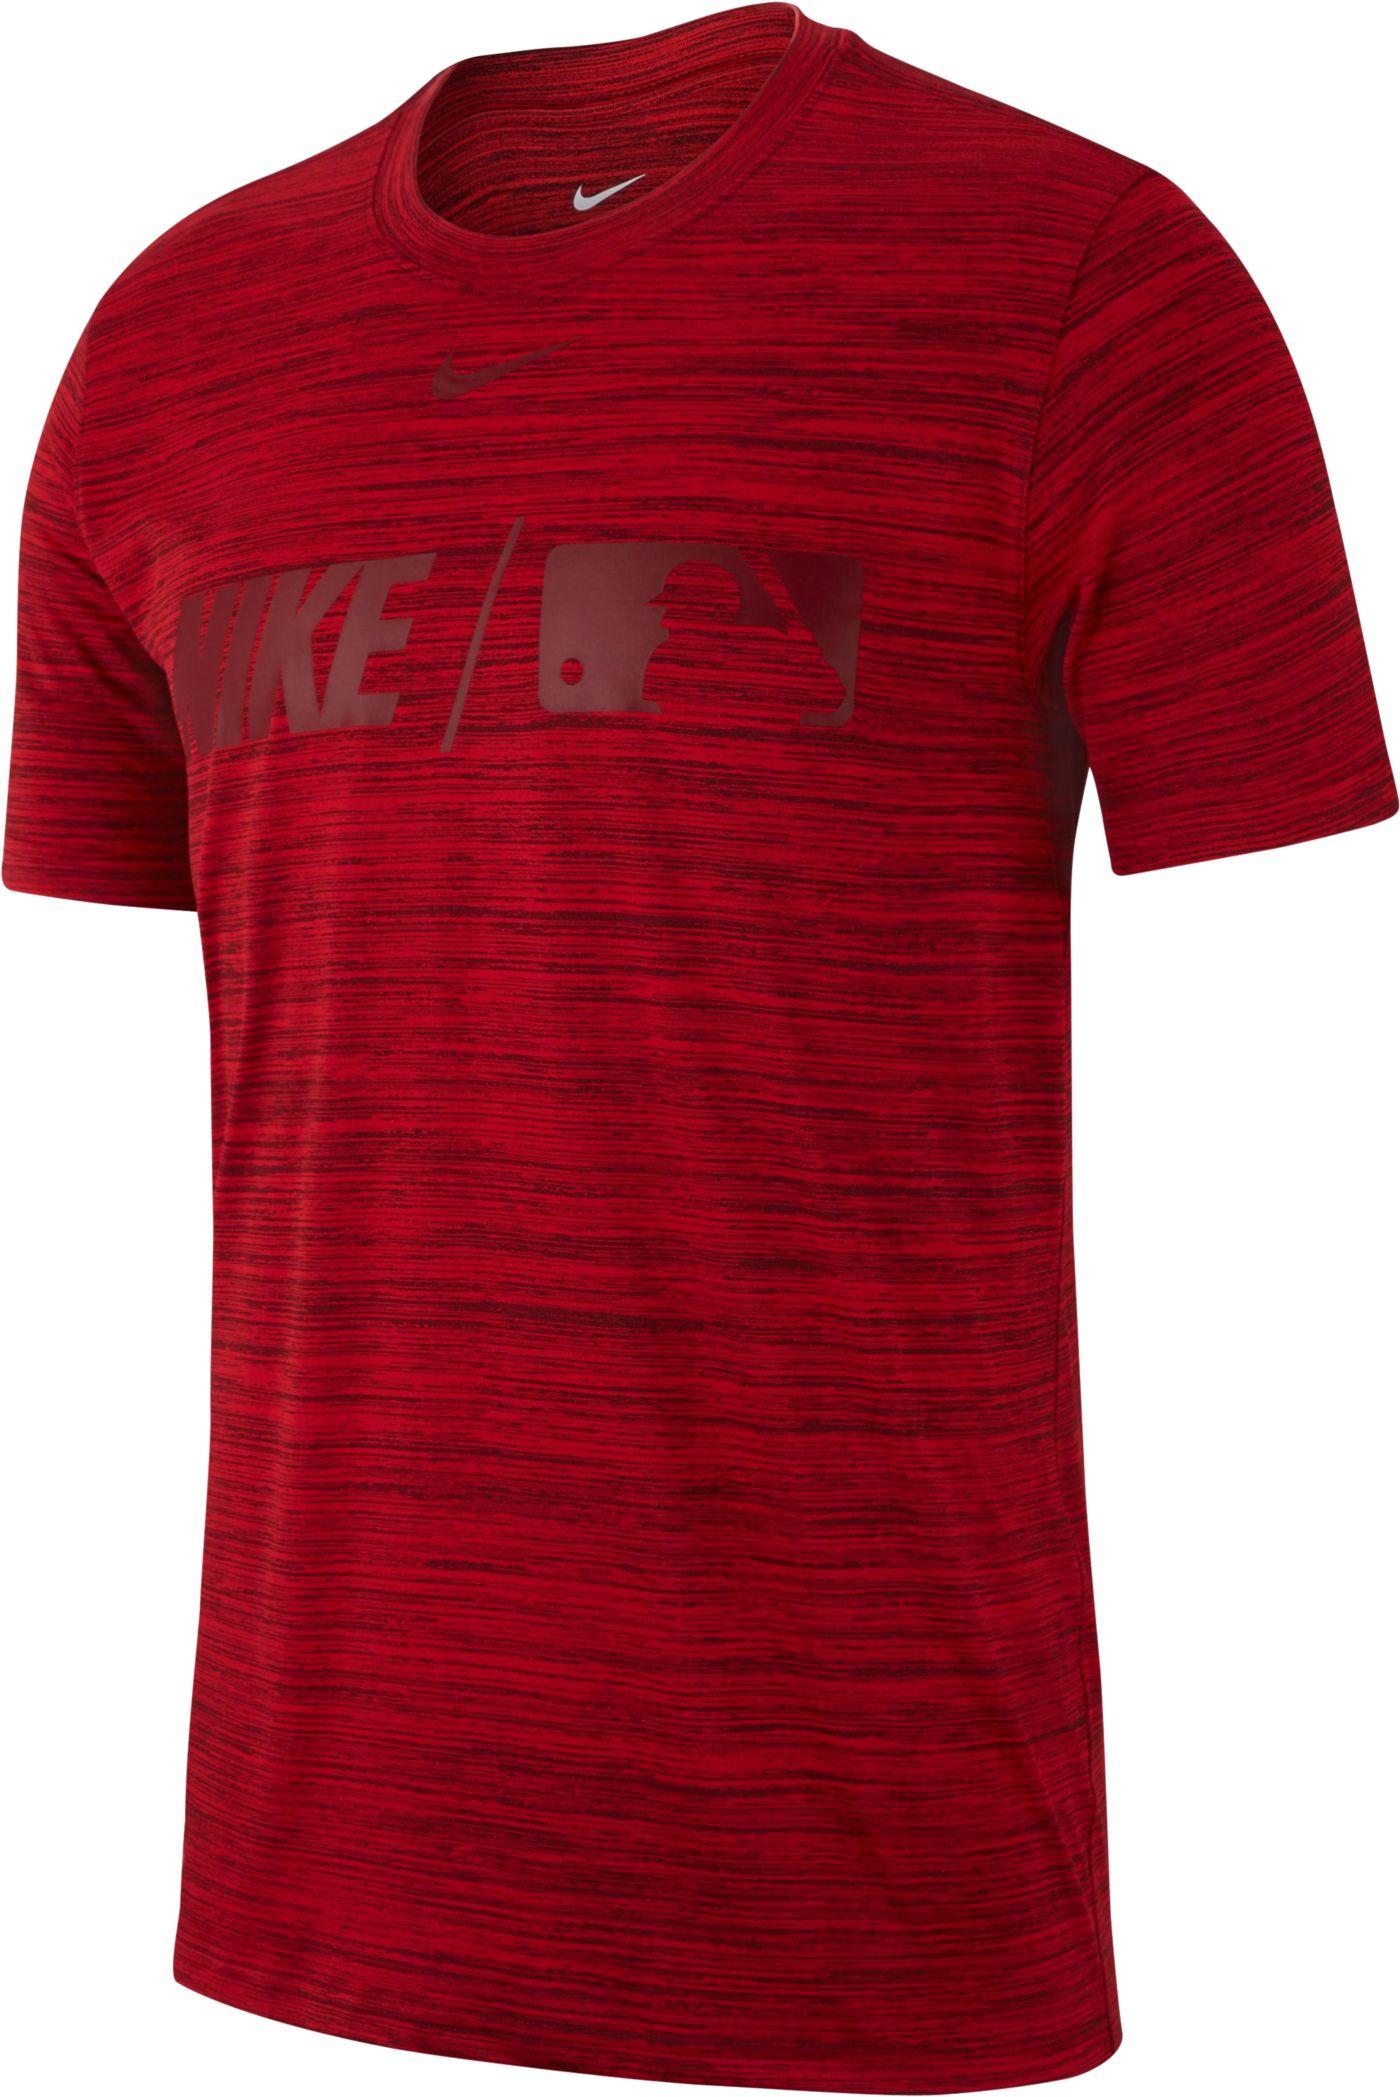 Nike Men's Dry MLB Baseball T-Shirt